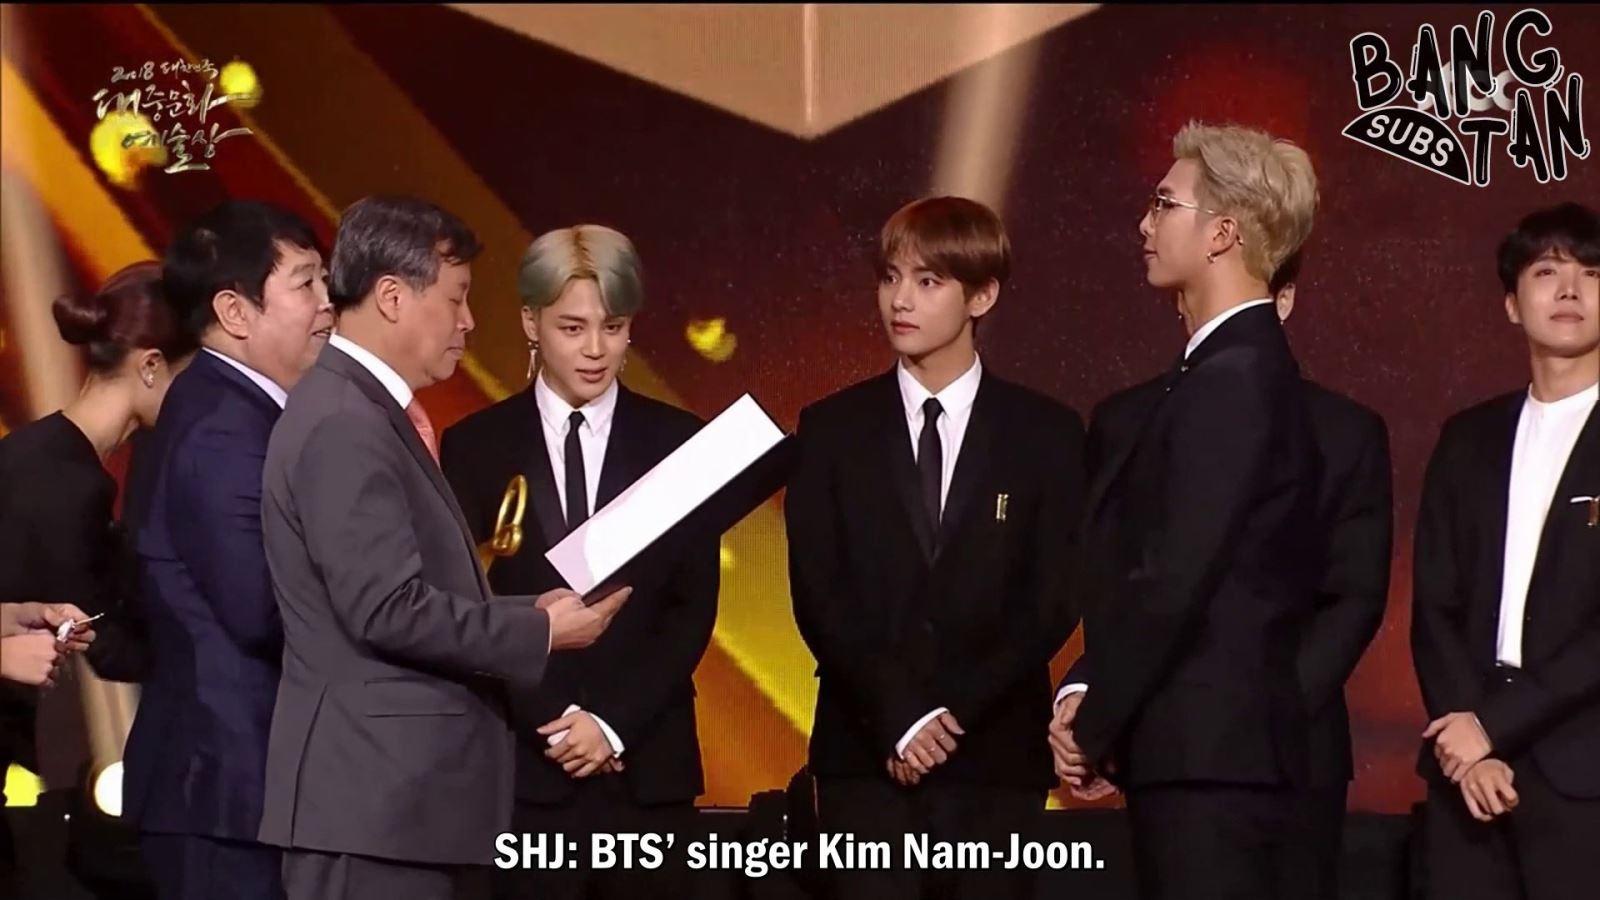 BTS, KMCA khiếu nại luật nghĩa vụ quân sự, Jin có được hoãn nghĩa vụ, nghĩa vụ quân sự BTS, Jin nhập ngũ, luật BTS, Jin có phải nhập ngũ, Jin nhập ngũ lúc nào